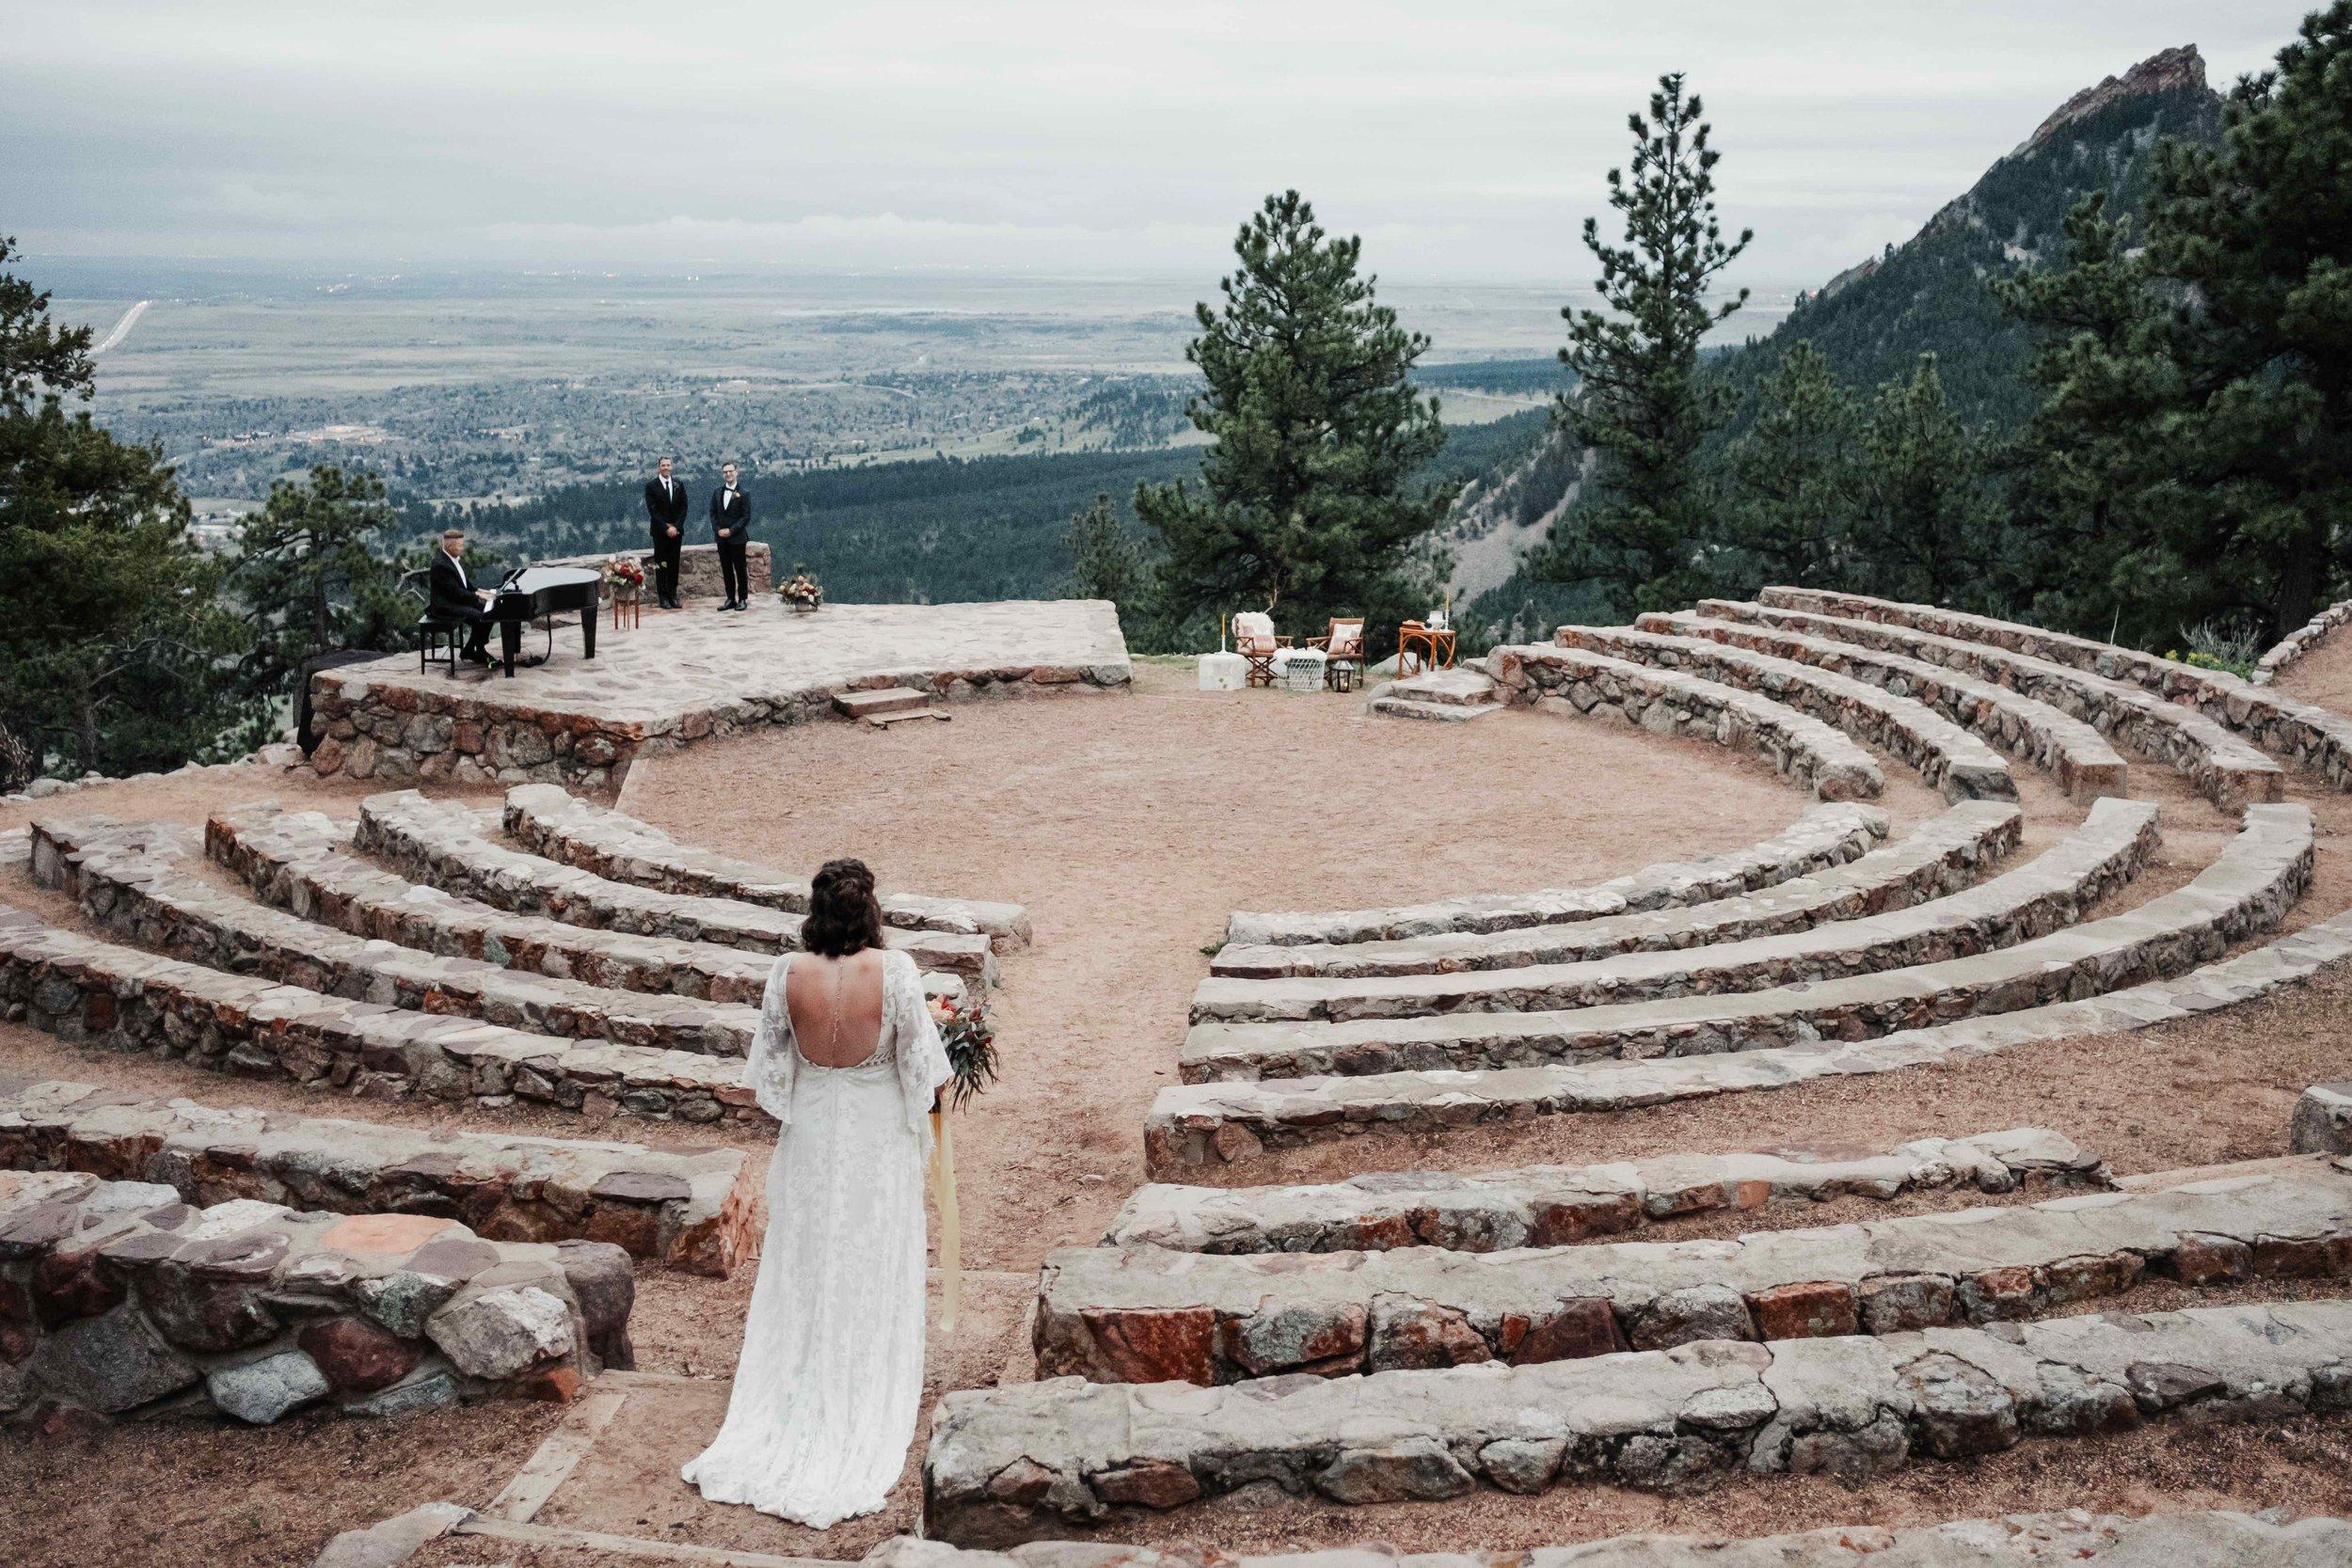 Sunrise Amphitheater Wedding Ceremony at Sunrise